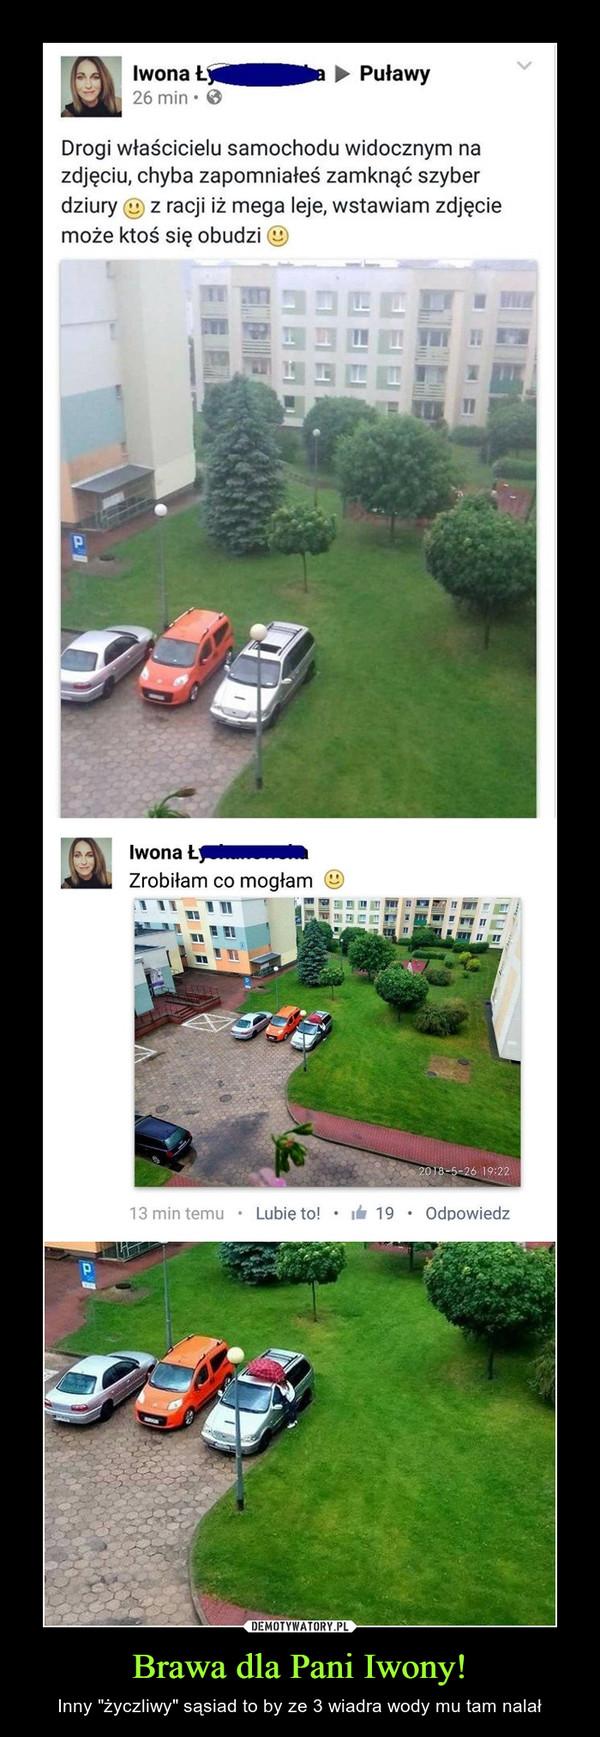 """Brawa dla Pani Iwony! – Inny """"życzliwy"""" sąsiad to by ze 3 wiadra wody mu tam nalał Iwona ► Puławy 26 min • Drogi właścicielu samochodu widocznym na zdjęciu, chyba zapomniałeś zamknąć szyber dziury z racji iż mega leje, wstawiam zdjęcie może ktoś się obudzi Iwona Zrobiłam co mogłam 13 min temu"""